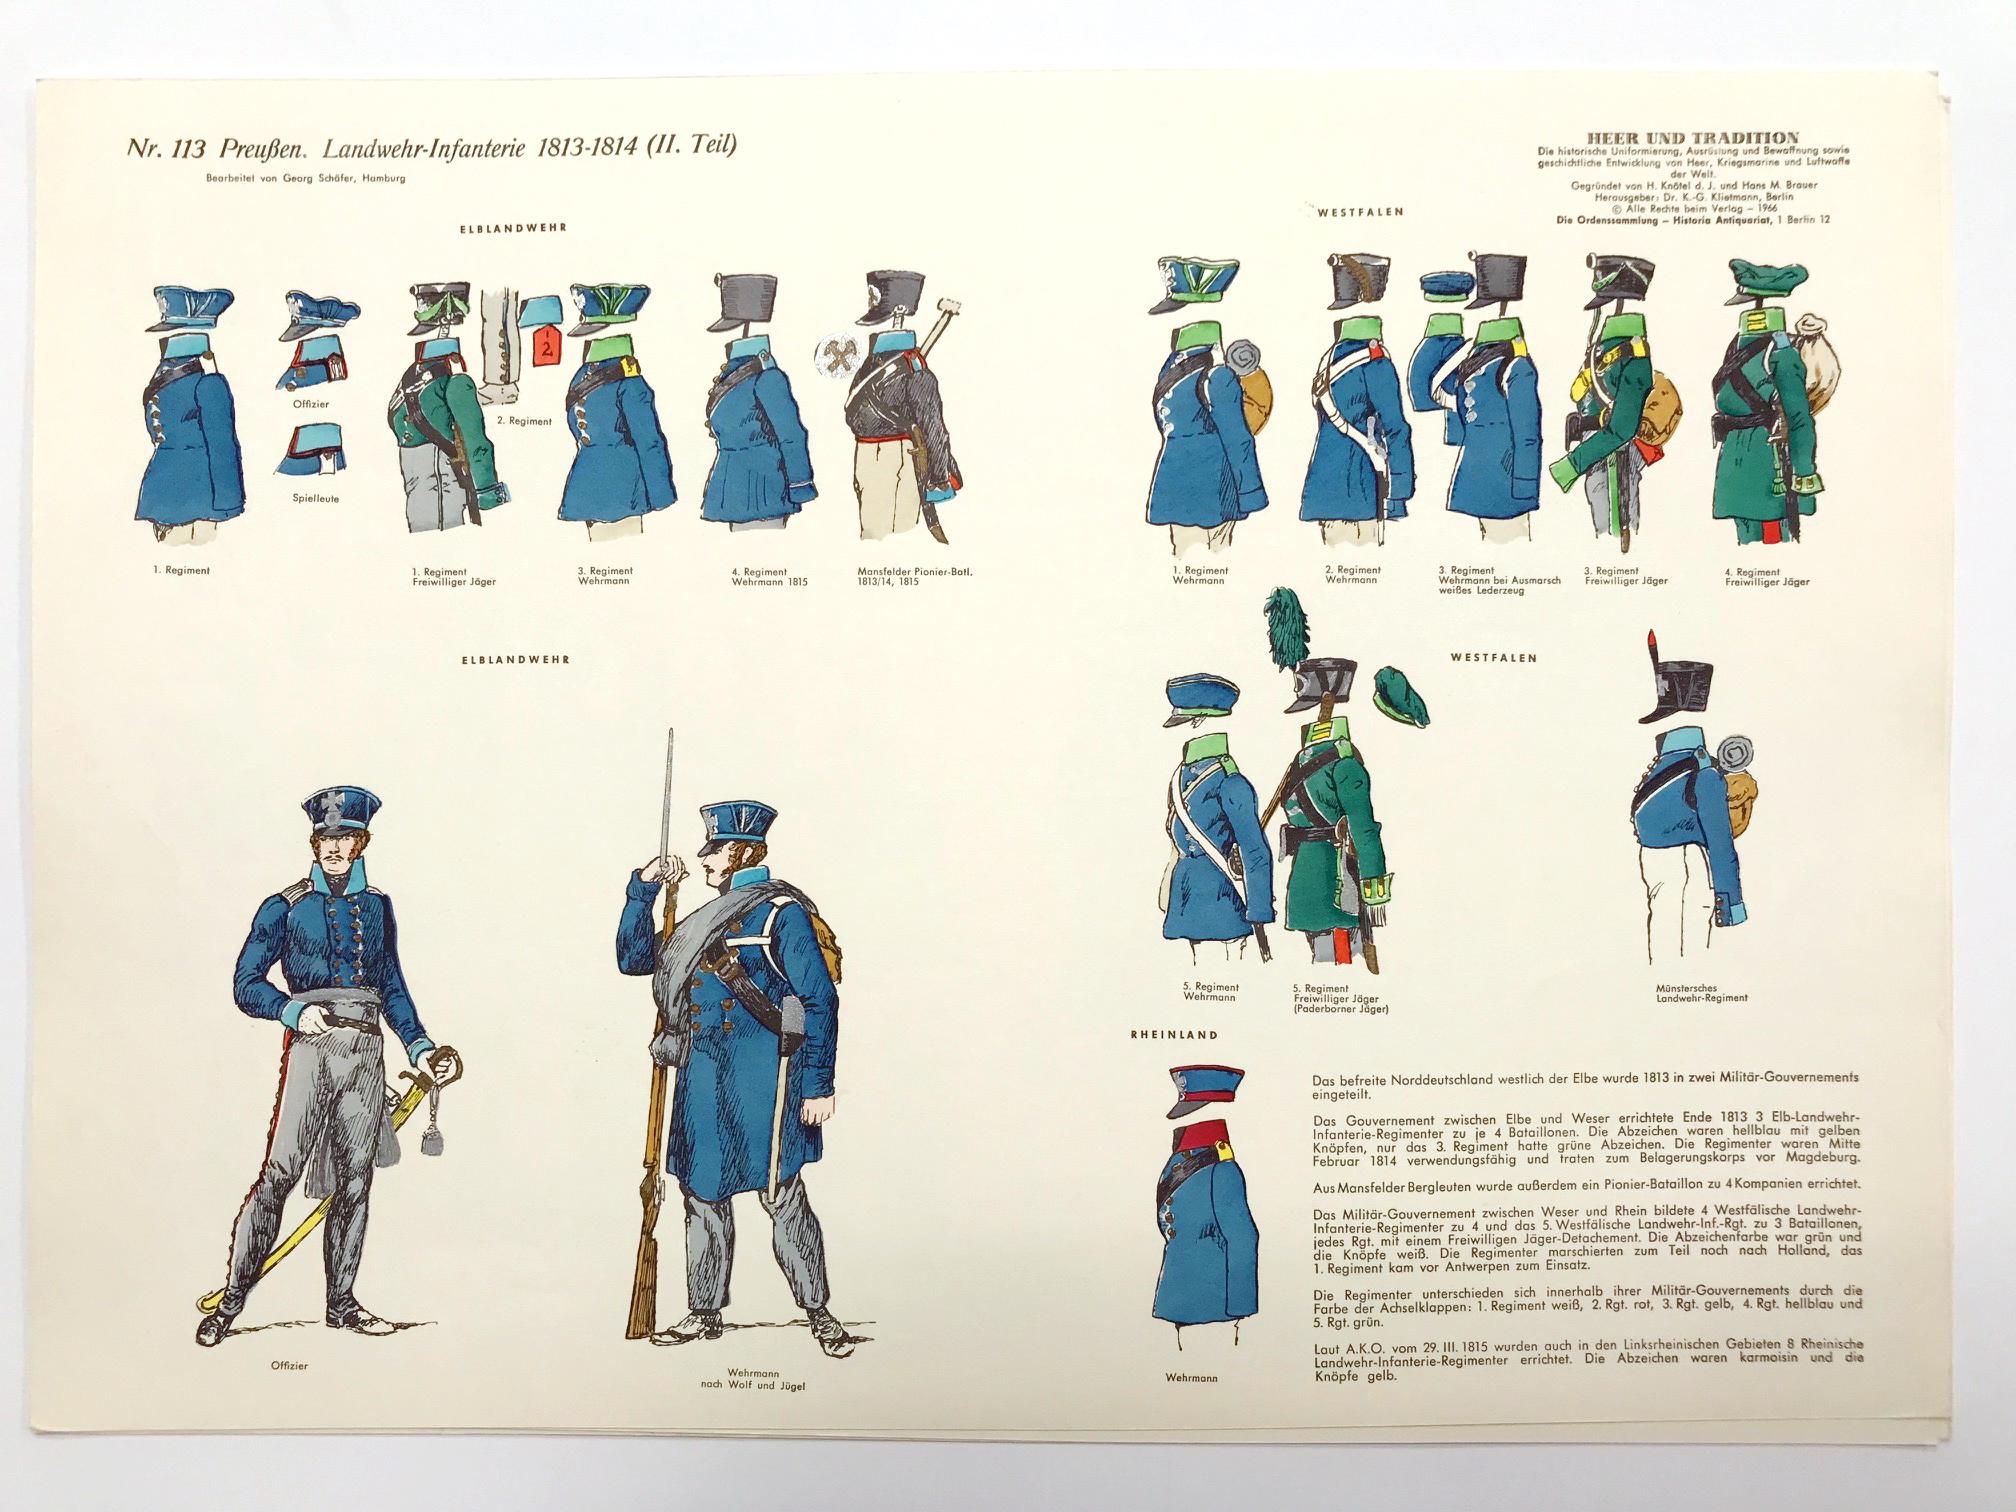 Planche 113- Heer Und Tradition - Hans Bauer - Uniforme - Preussen Landwehr Infanterie - 1813-1814 - Die Historische Uniformierung - 1967